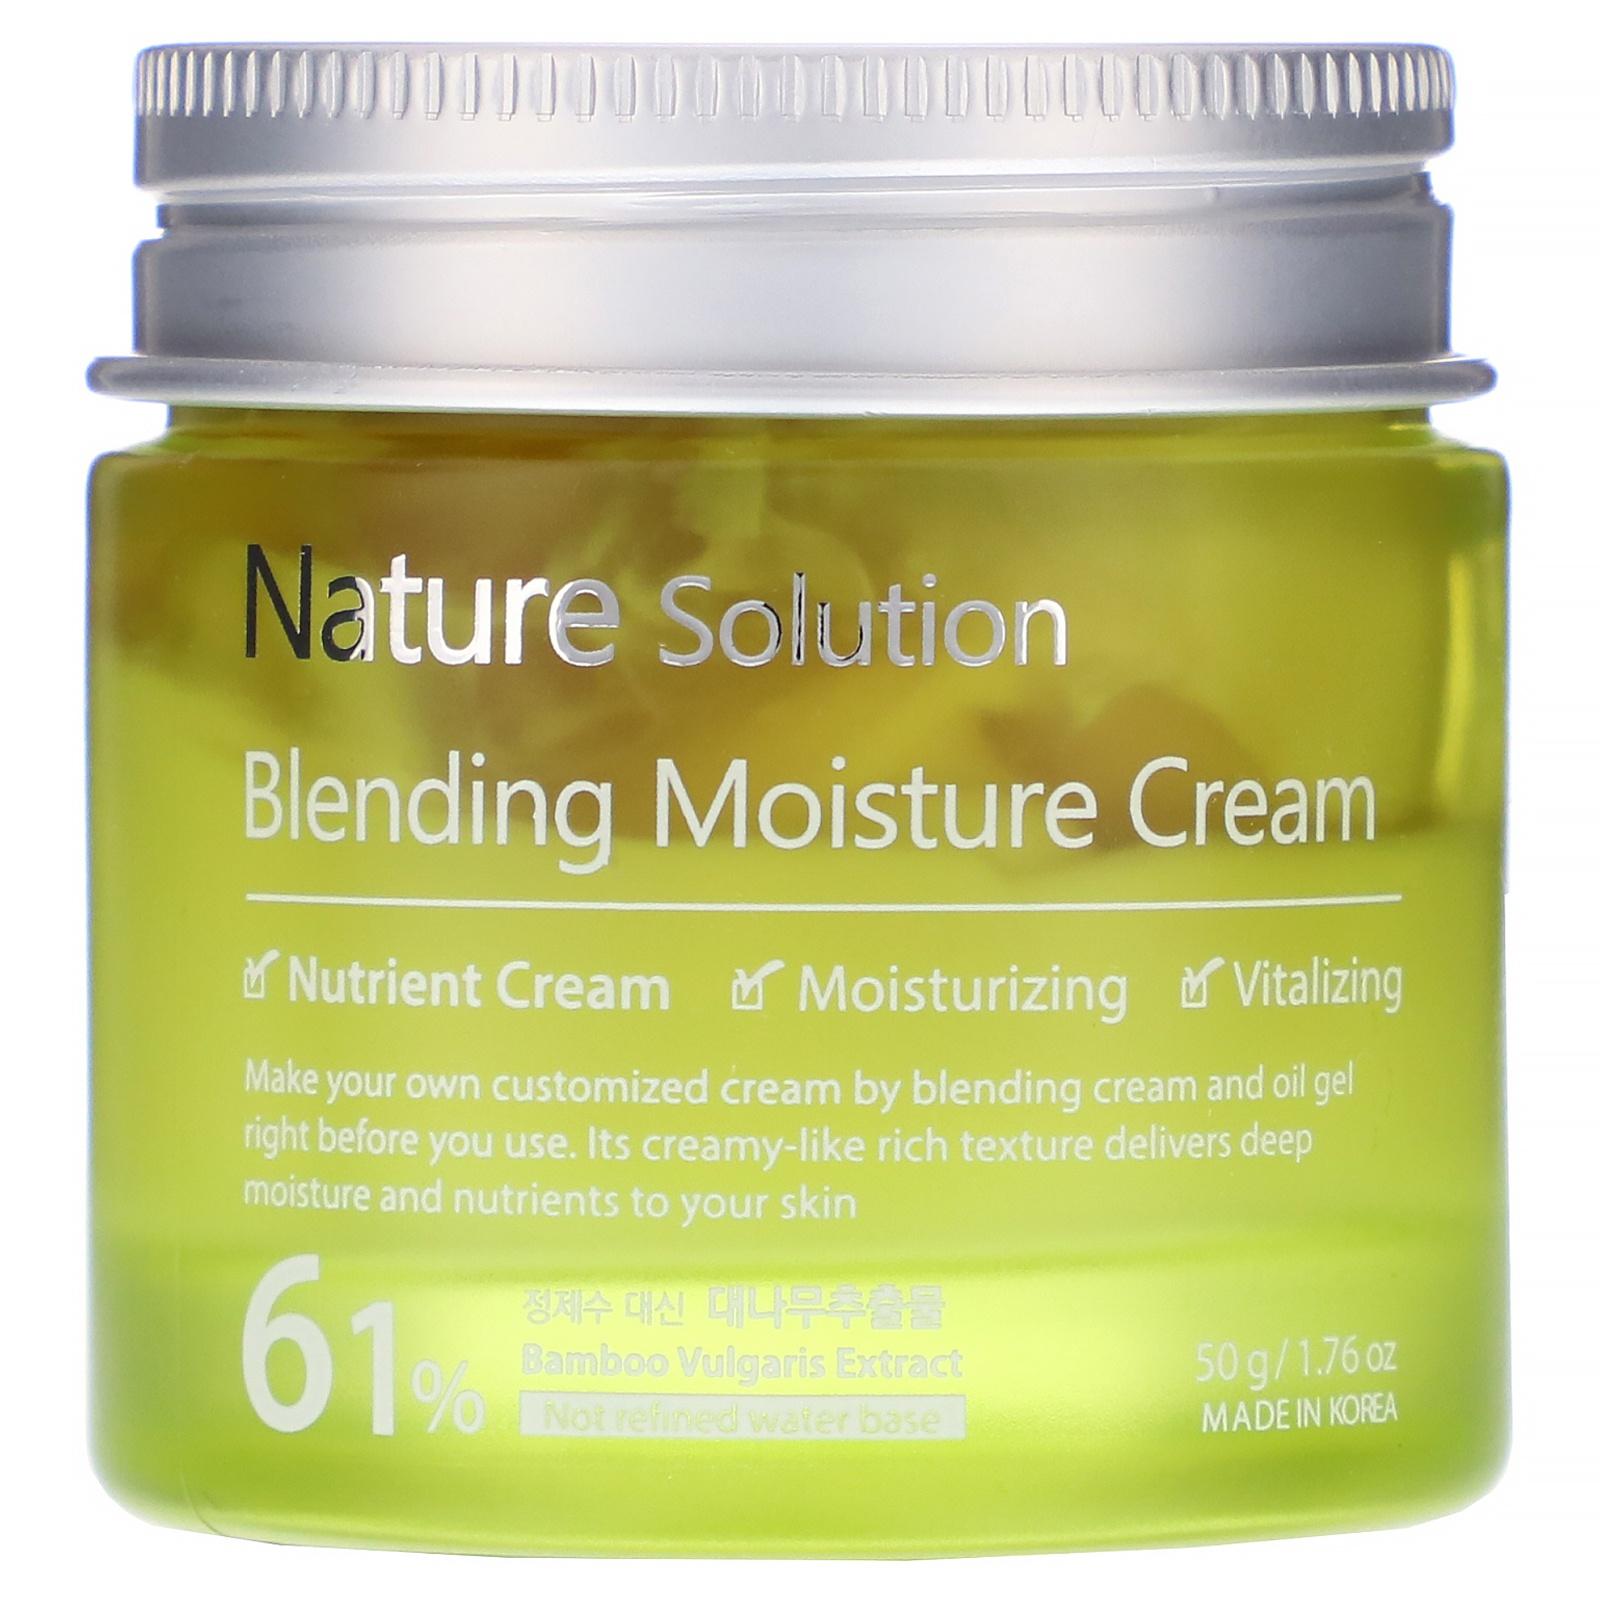 The Plant Base Nature Solution Blending Moisture Cream